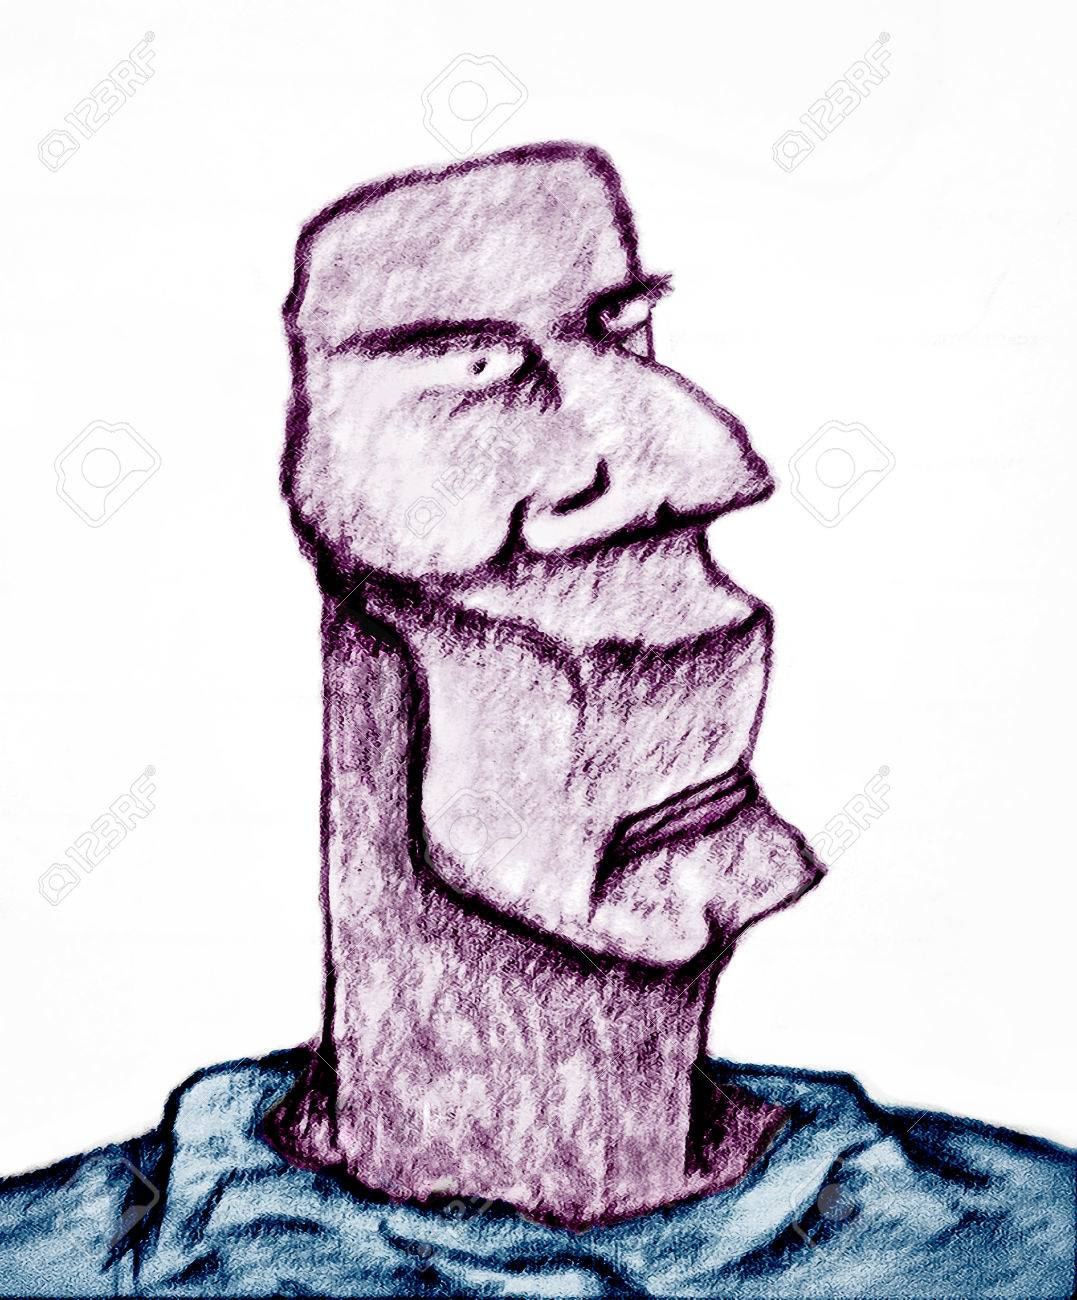 Dibujo A Lápiz Trama De La Ilustración Ilustraciones Que Representan